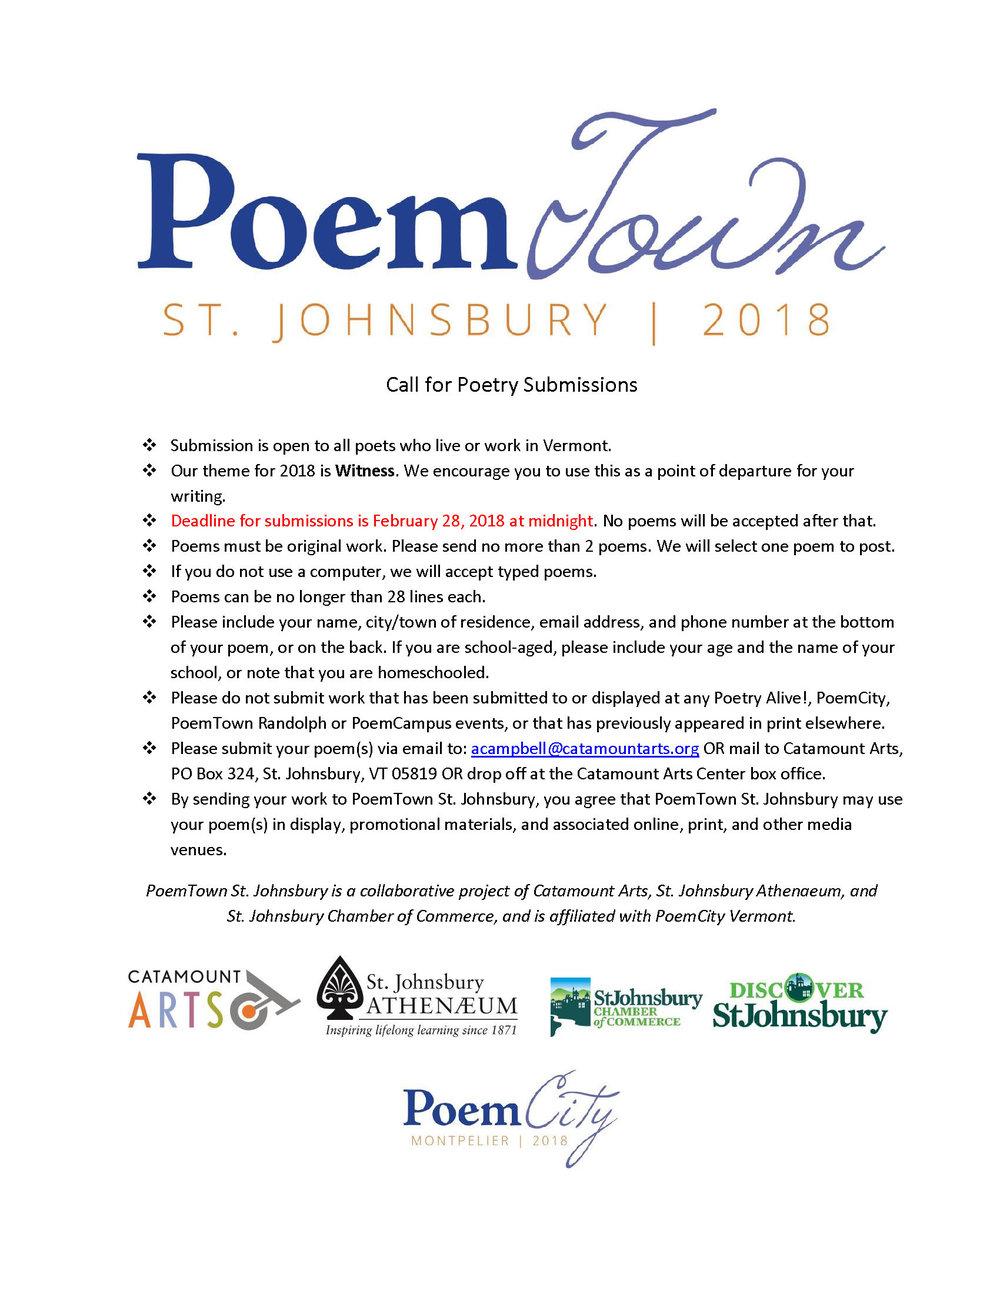 poem guidelines 2018.jpg